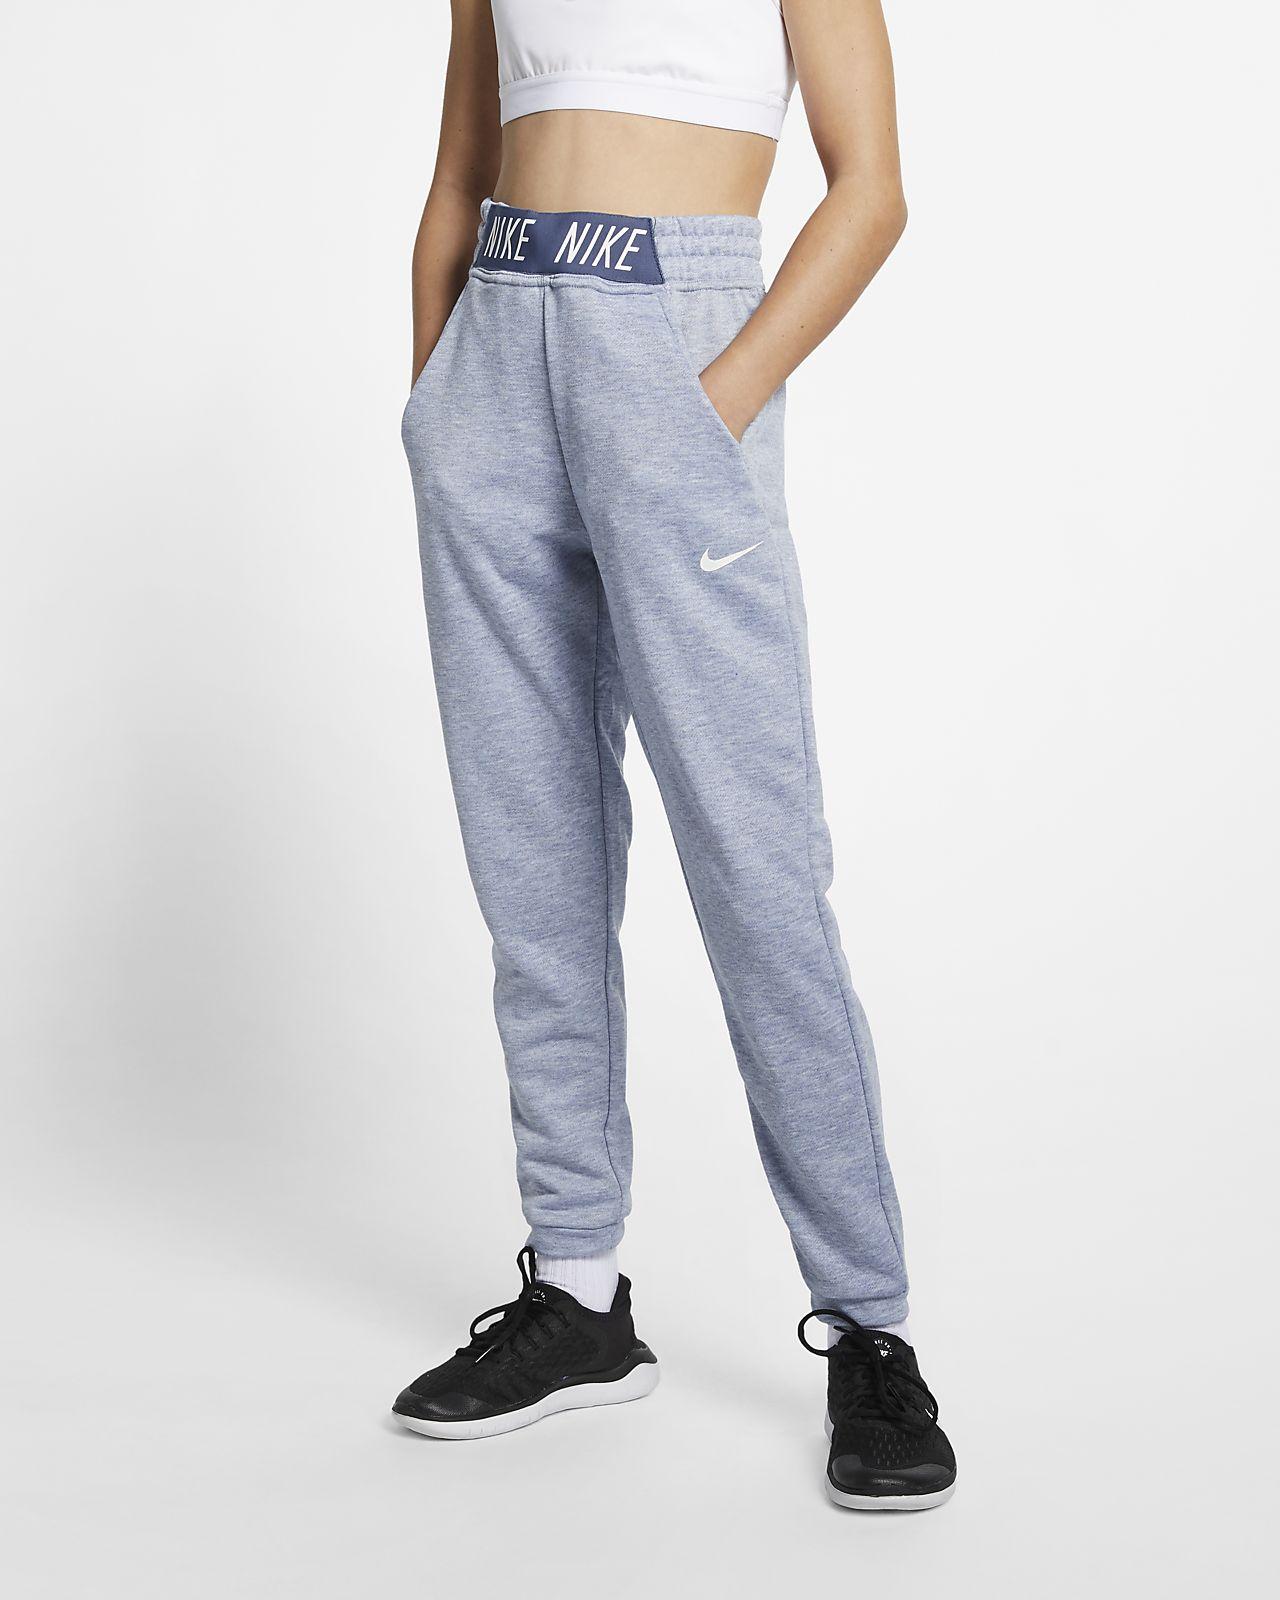 Nike Big Kids' (Girls') Training Pants